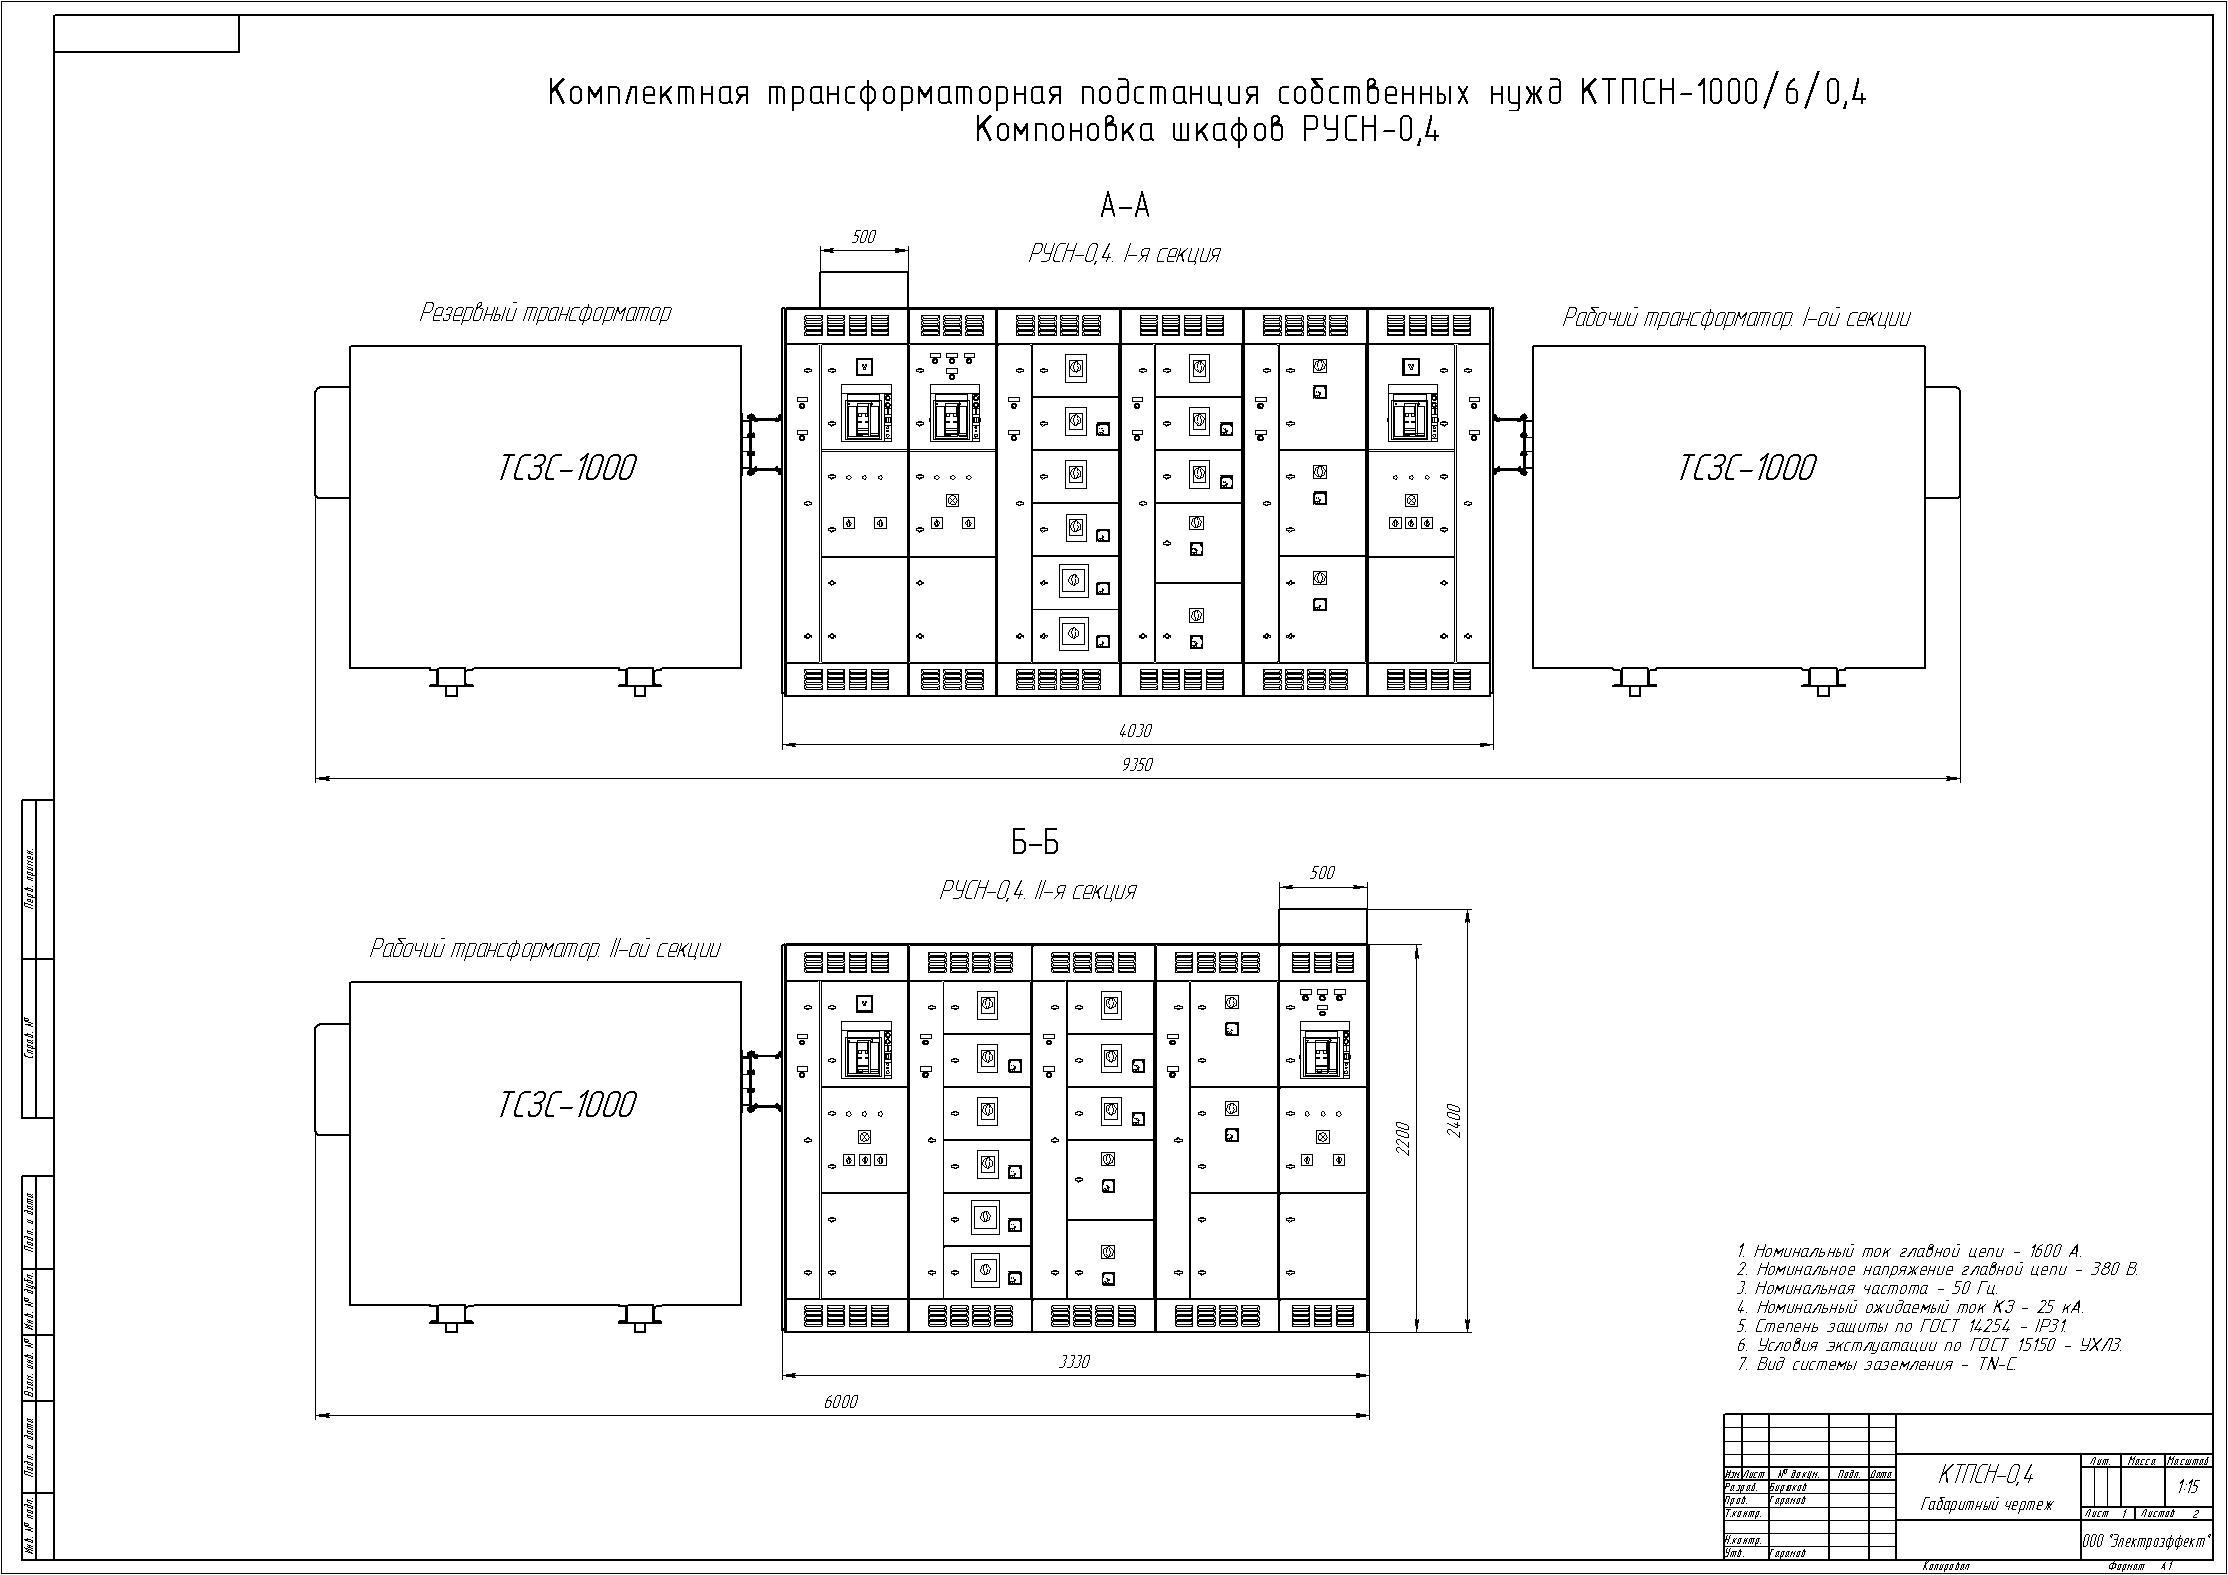 Схема и компоновка ктп